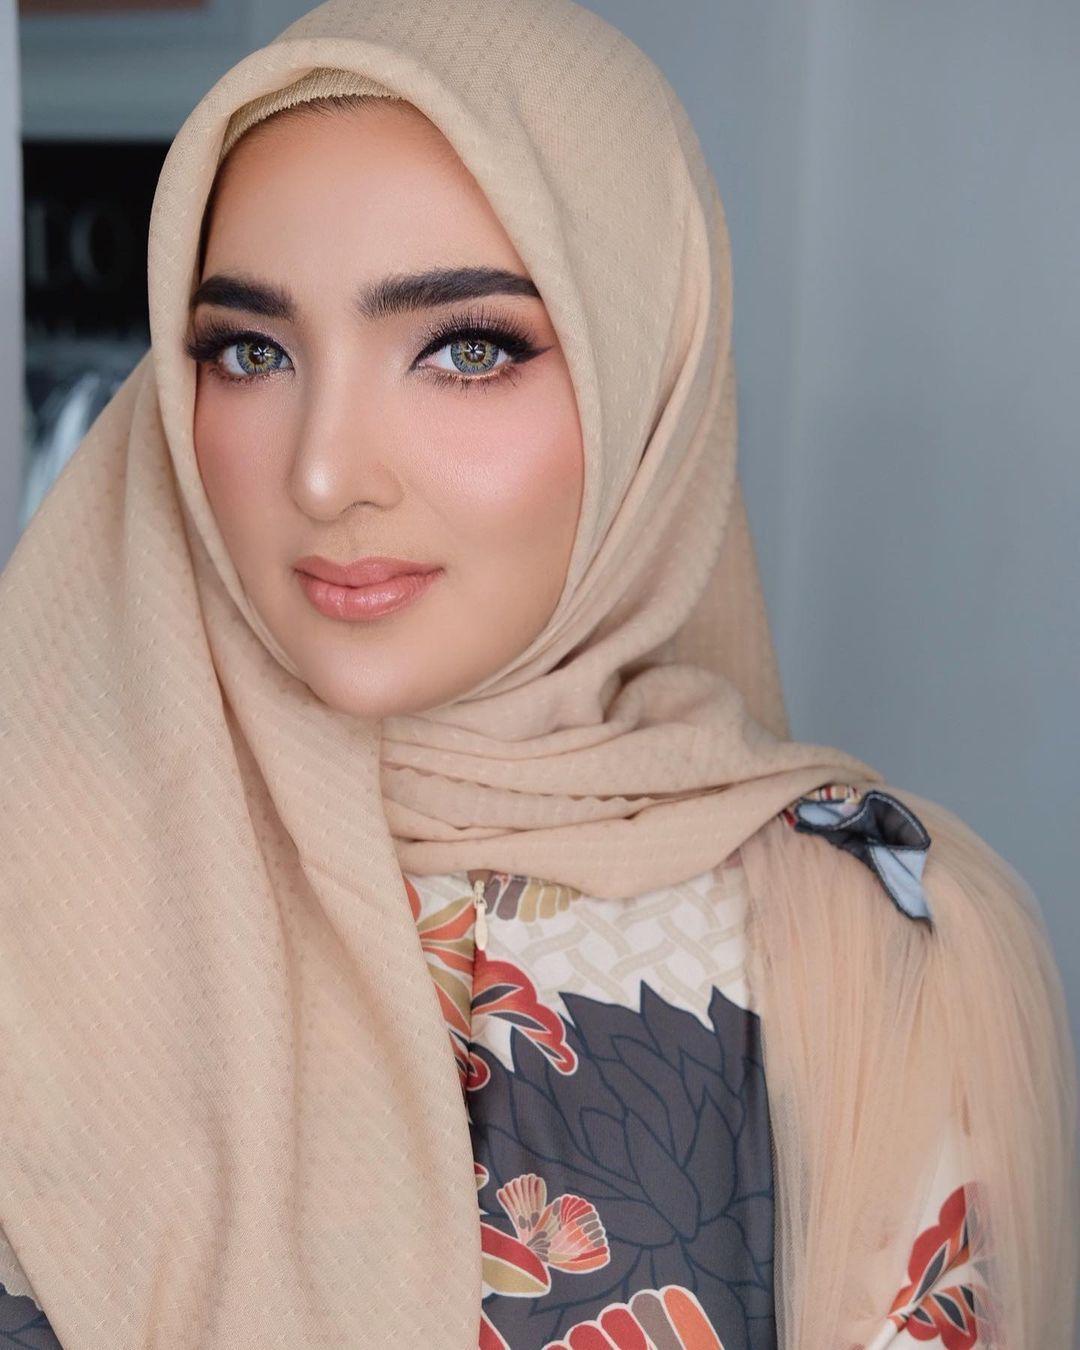 Intip Pesona Ashanty Ketika Kenakan Hijab